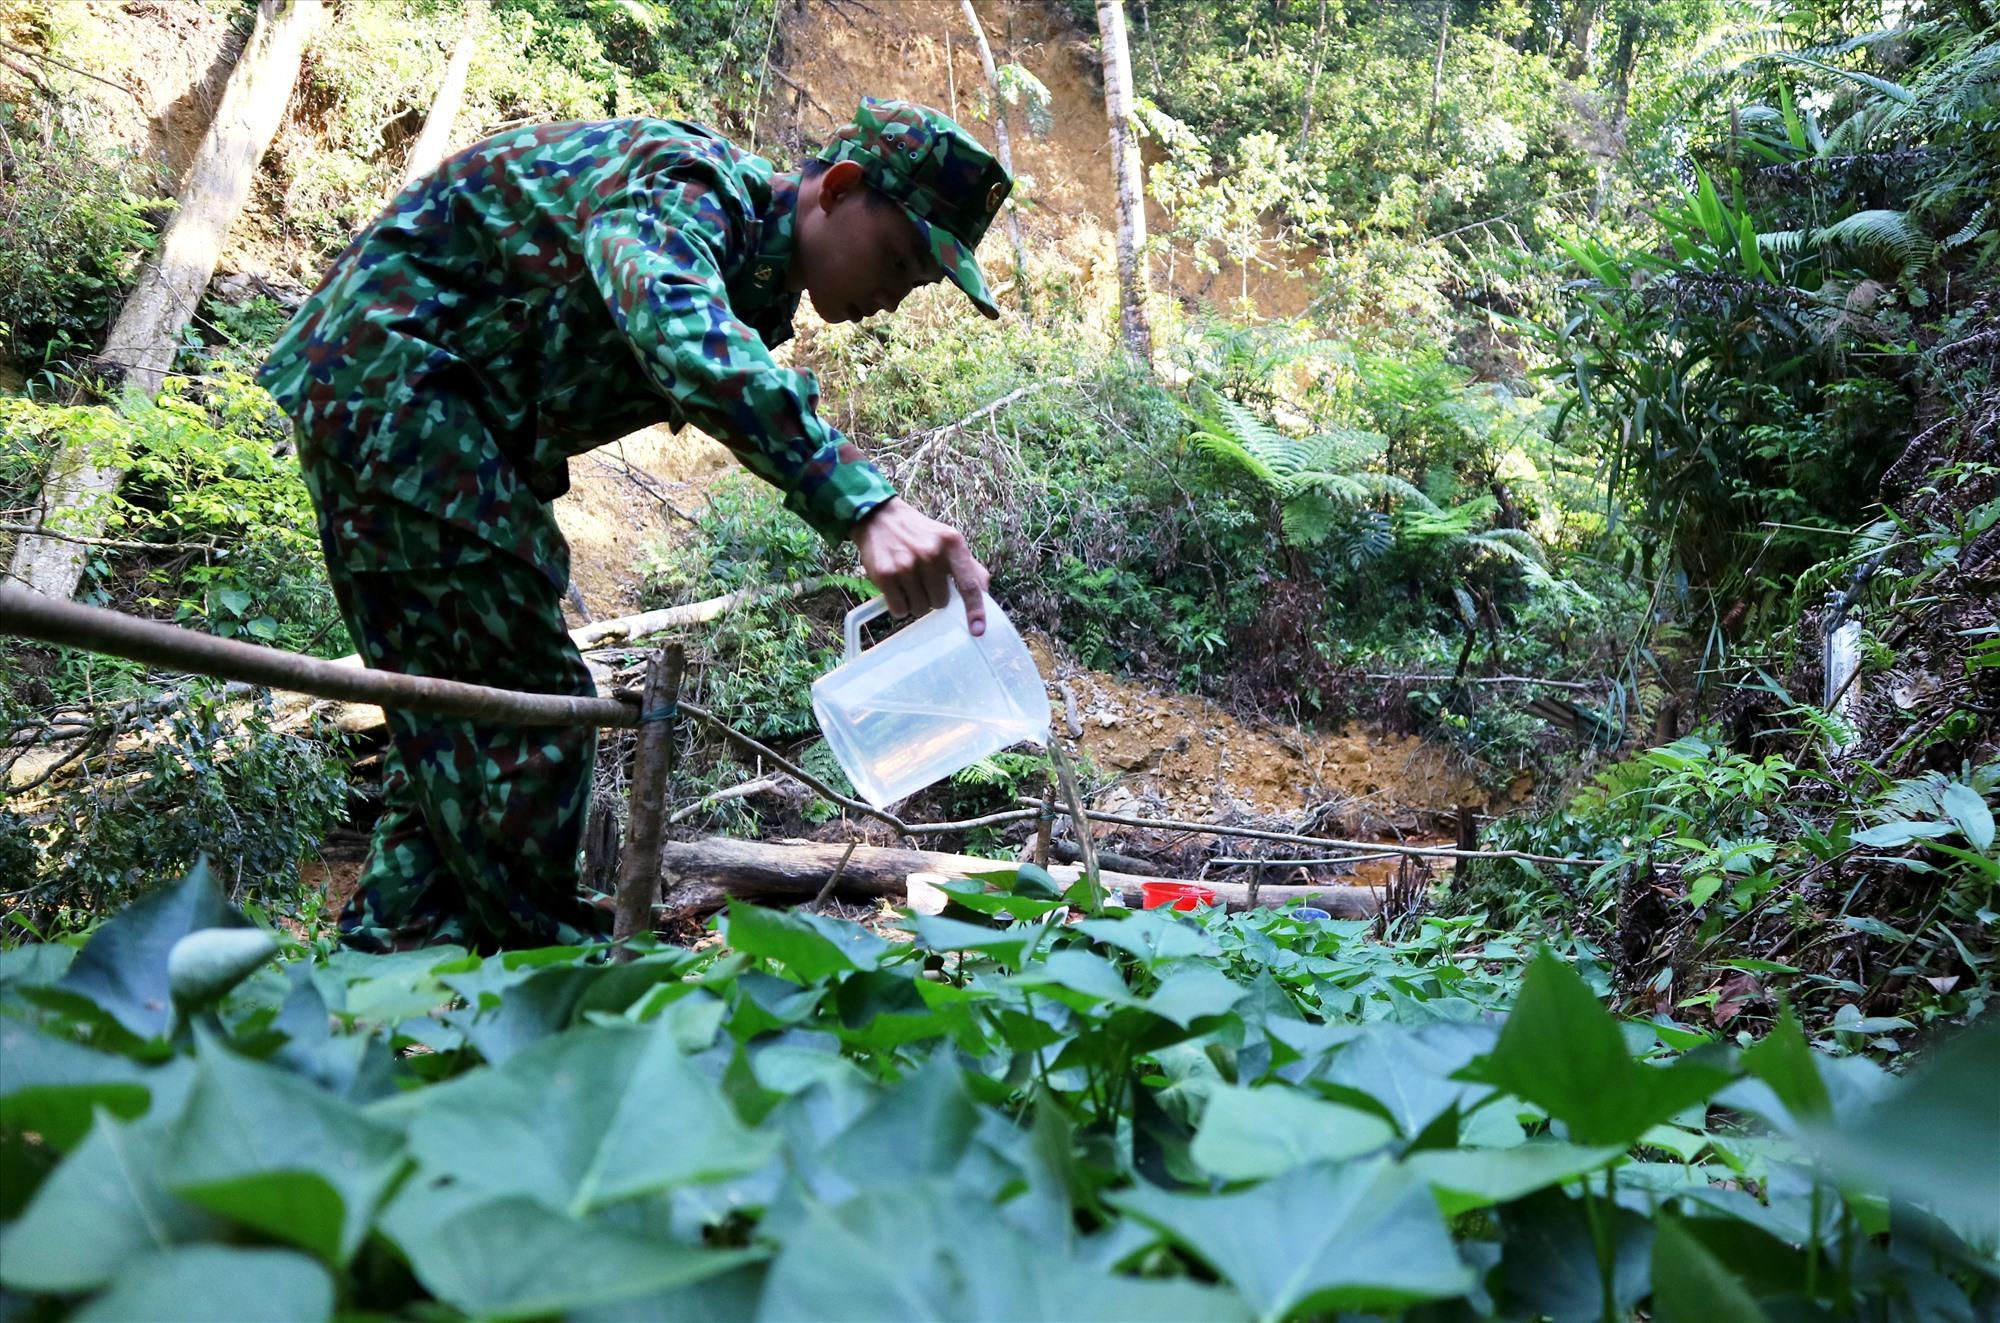 Binh nhất Trịnh Thanh Đến chăm sóc rau sau chuyến tuần tra và cho biết luôn tự hào với tháng ngày trong quân ngũ. Ảnh: ALĂNG NGƯỚC